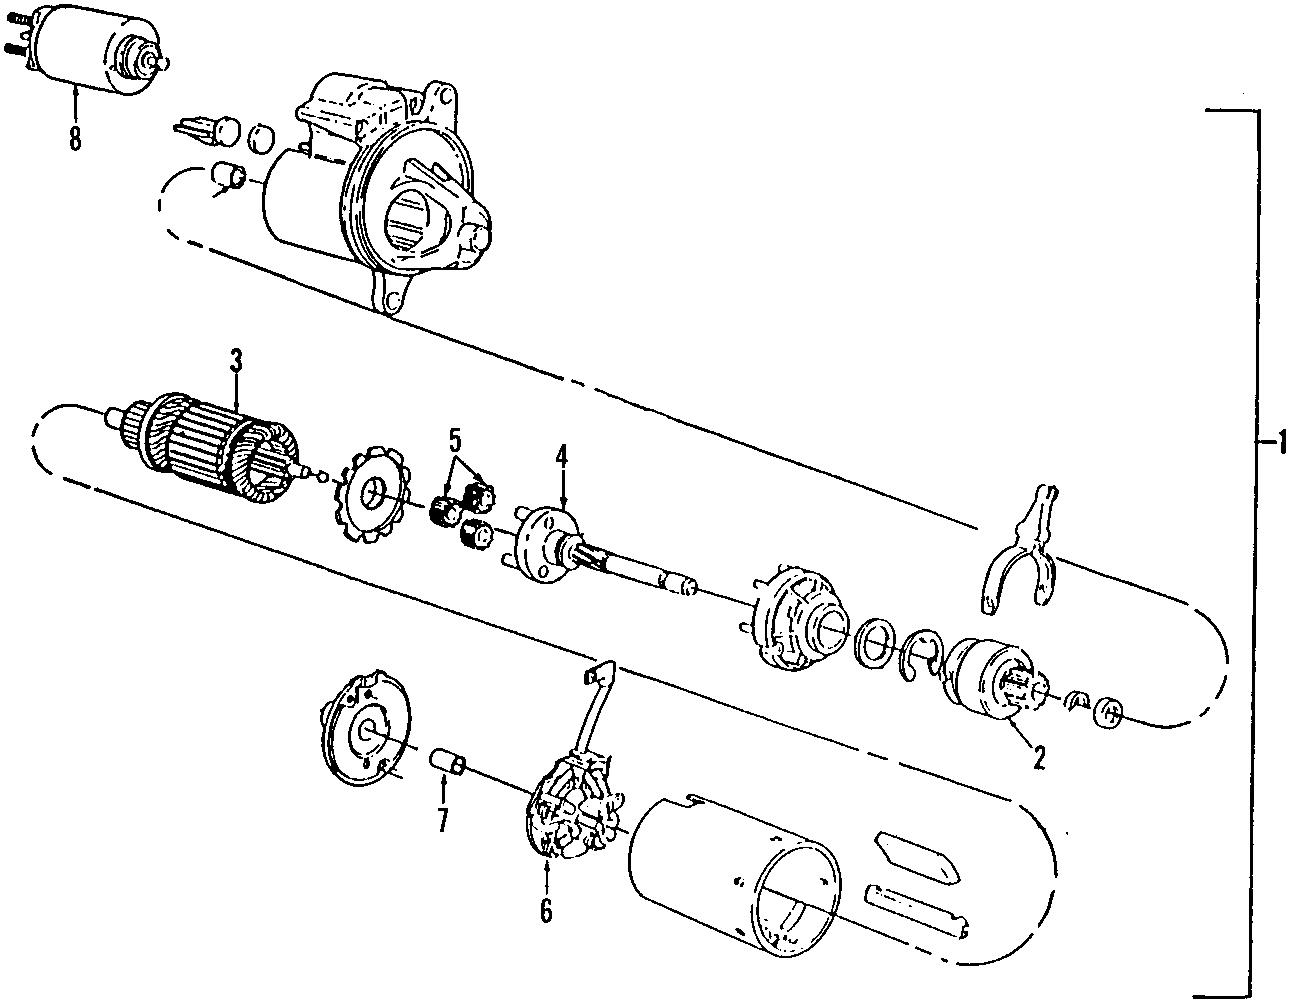 Ford Taurus Ses Duratec Engine Diagram